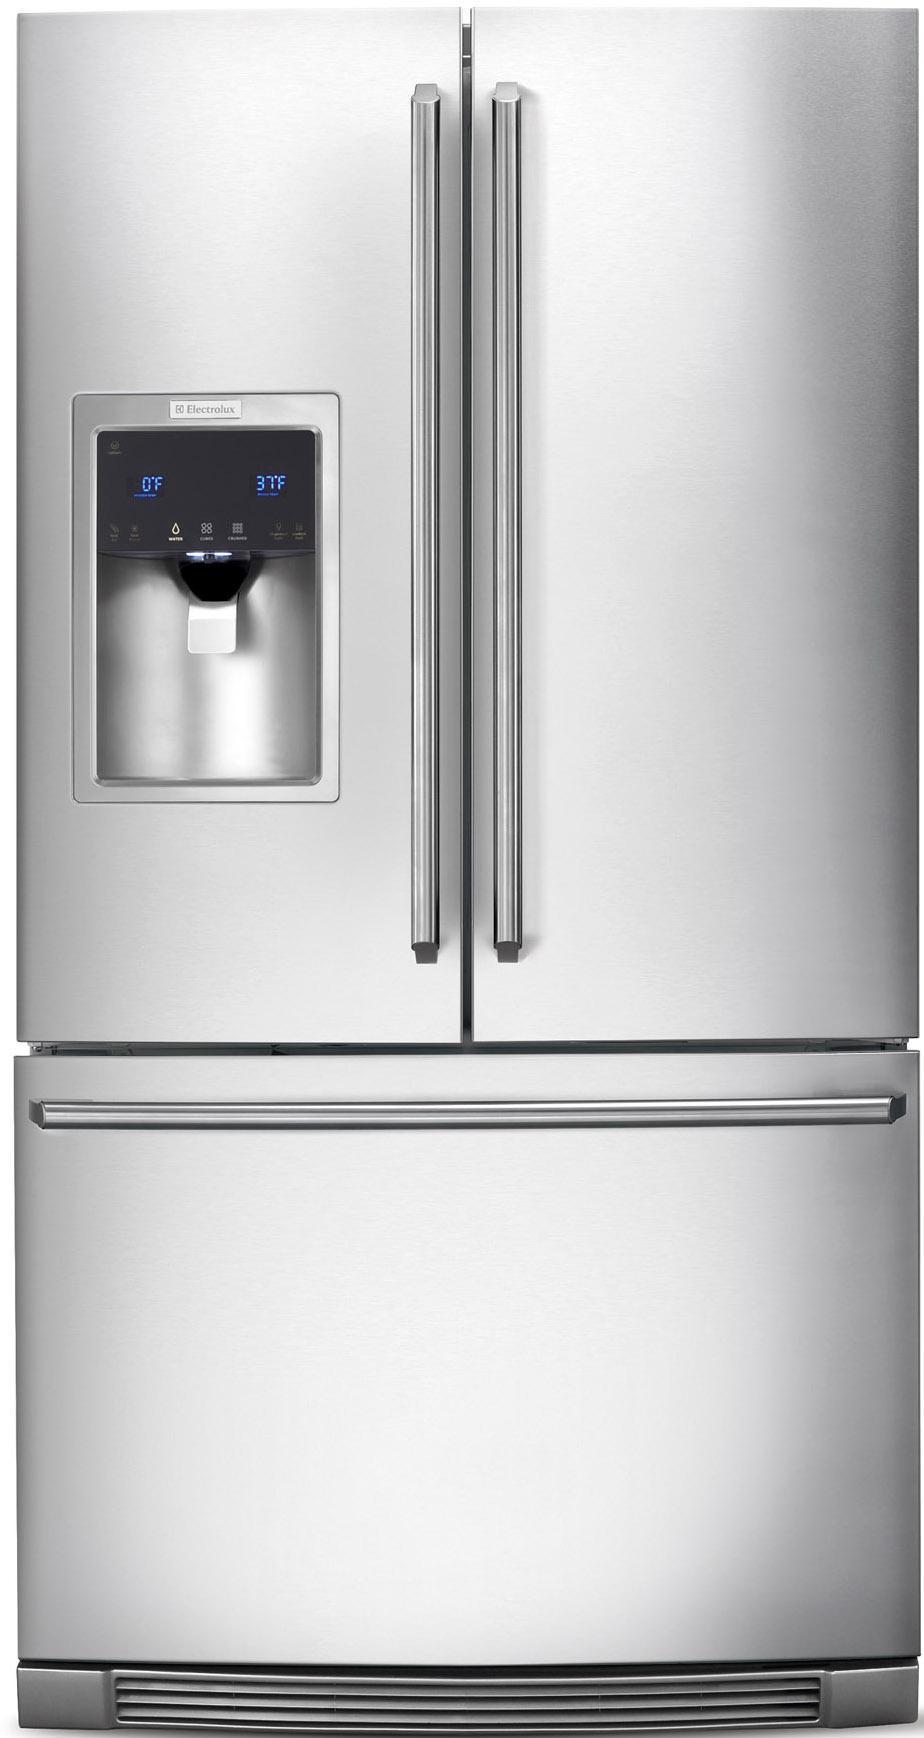 Electrolux French Door Refrigerators 28 Cu. Ft. French Door Refrigerator - Item Number: EW28BS85KS